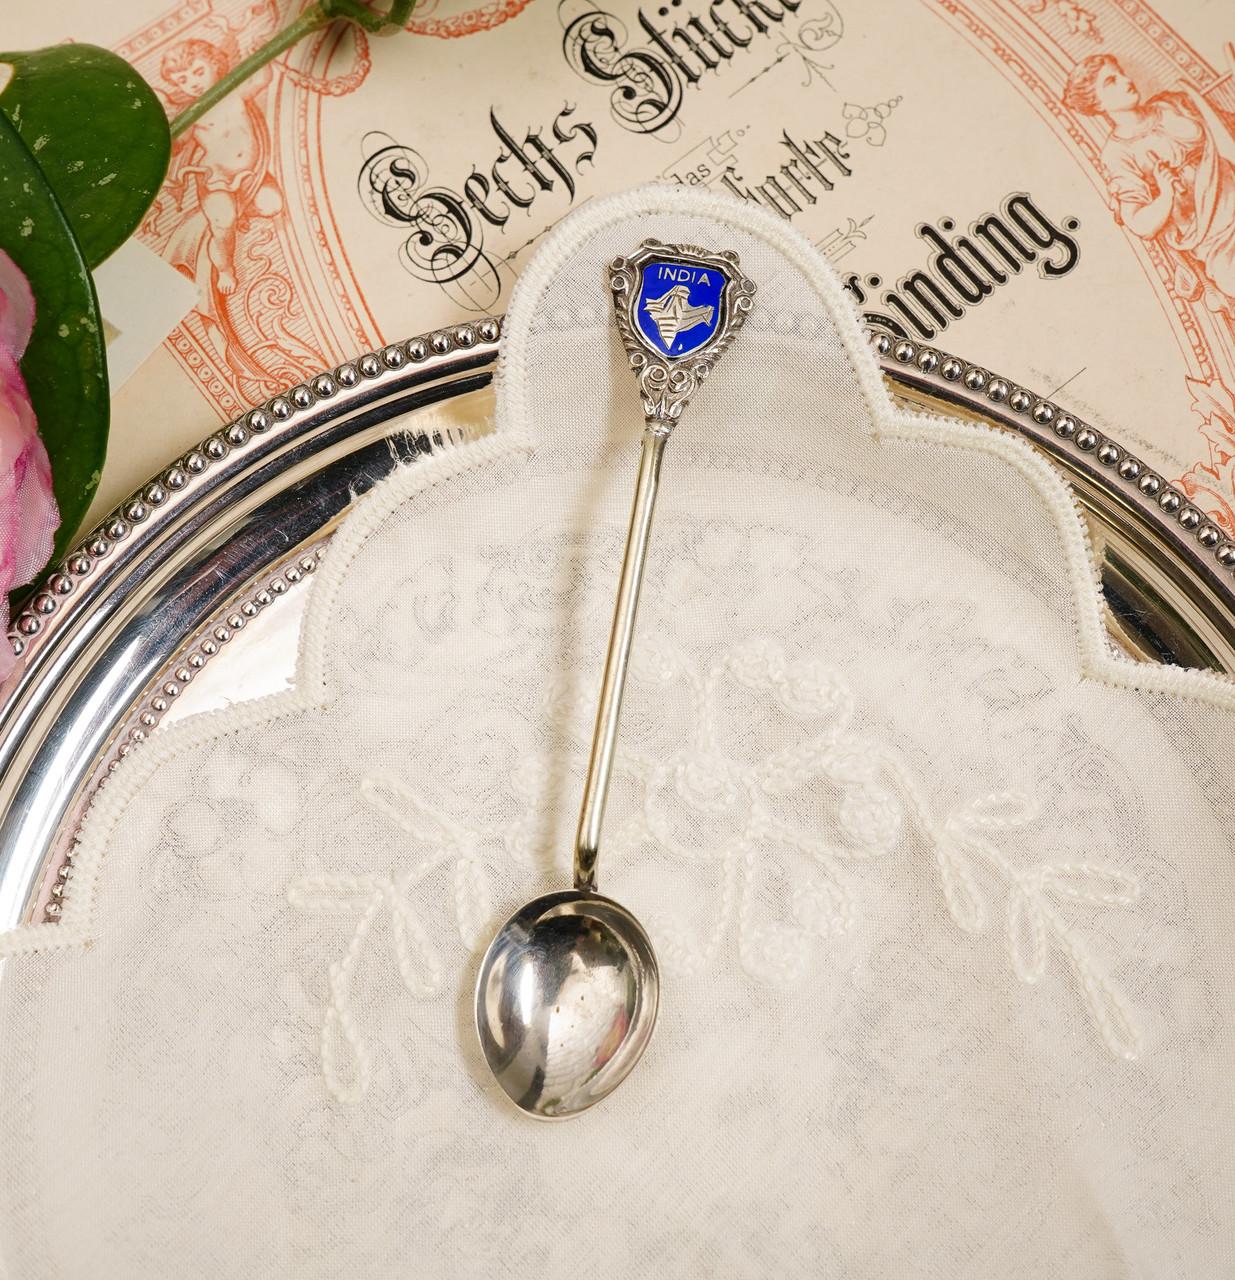 Коллекционная серебряная ложка INDIA, отмечена серебром Sterling (925 проба)